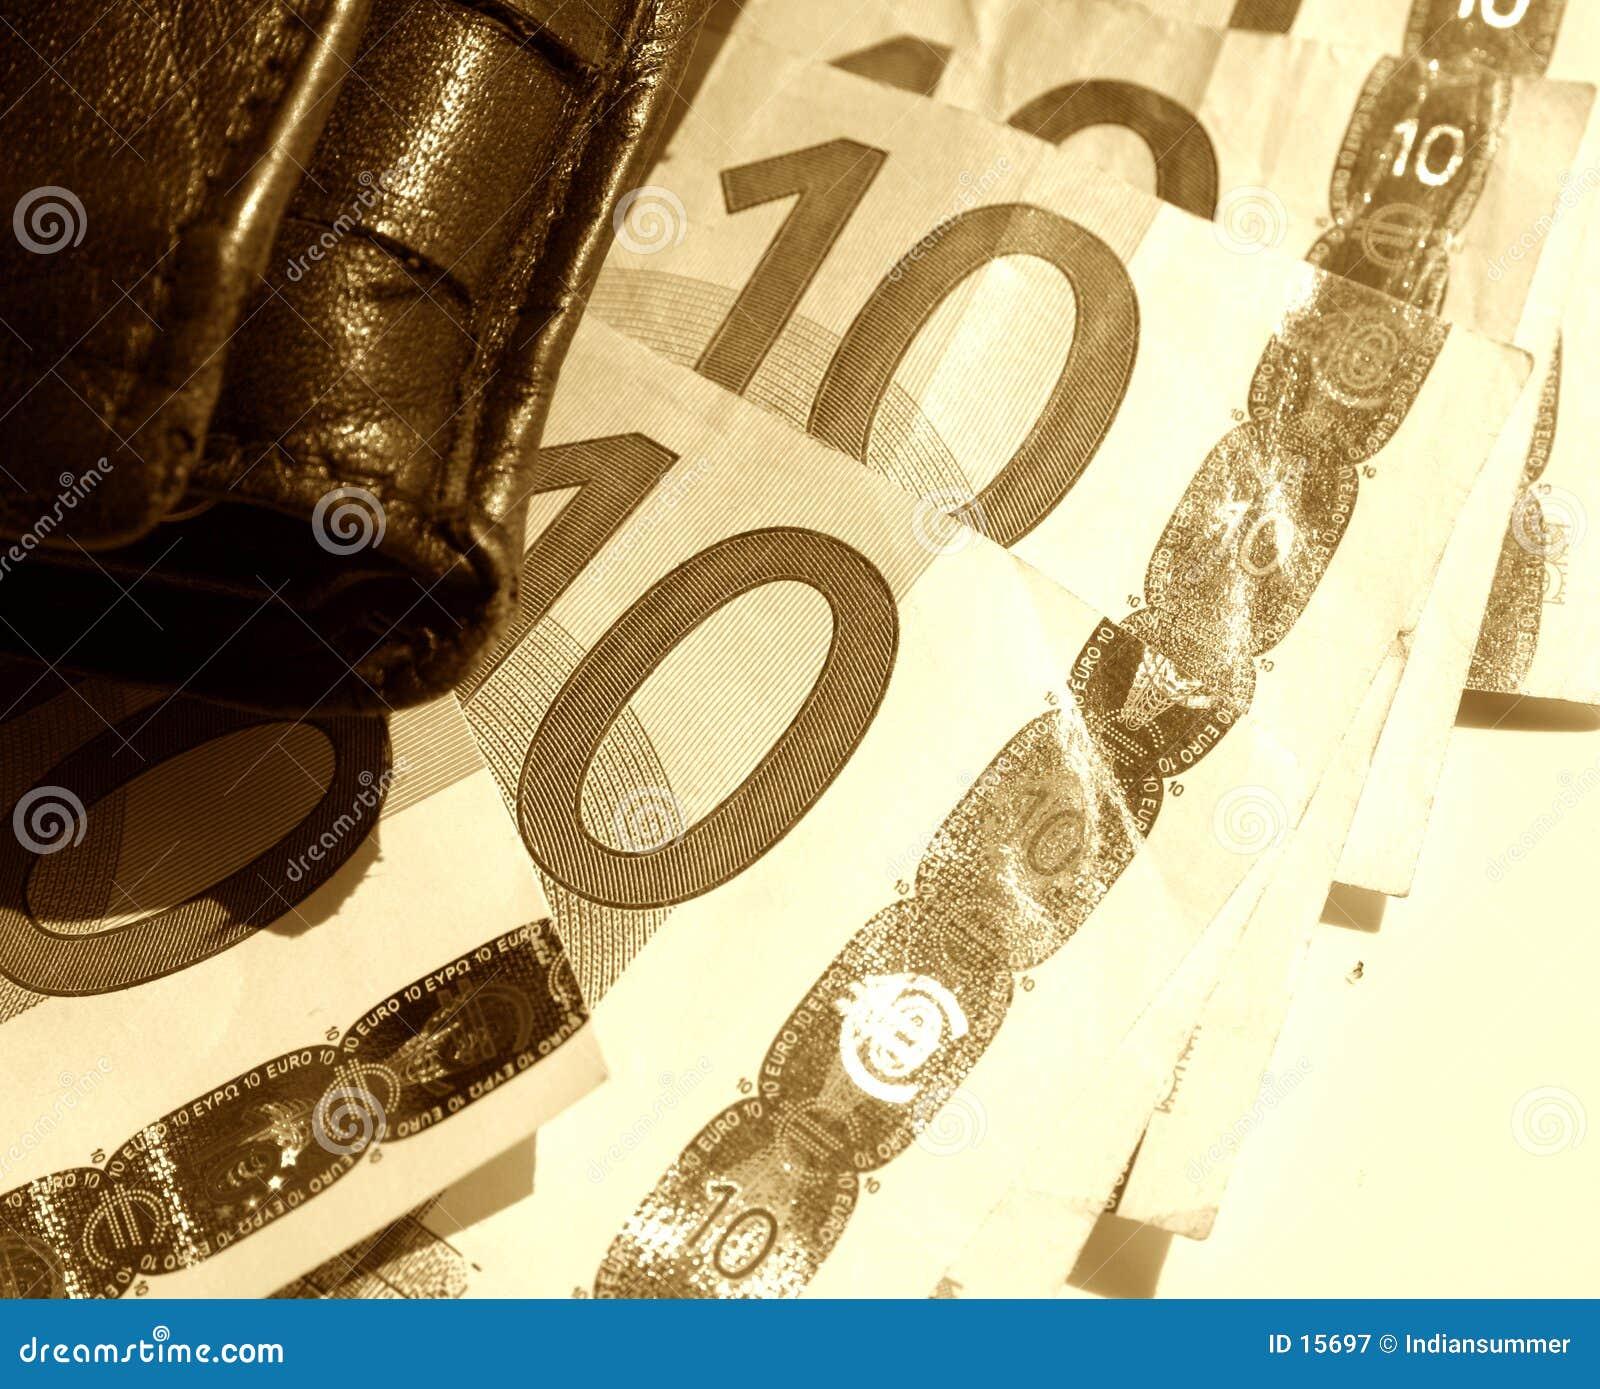 Schets met portefeuille en Euro